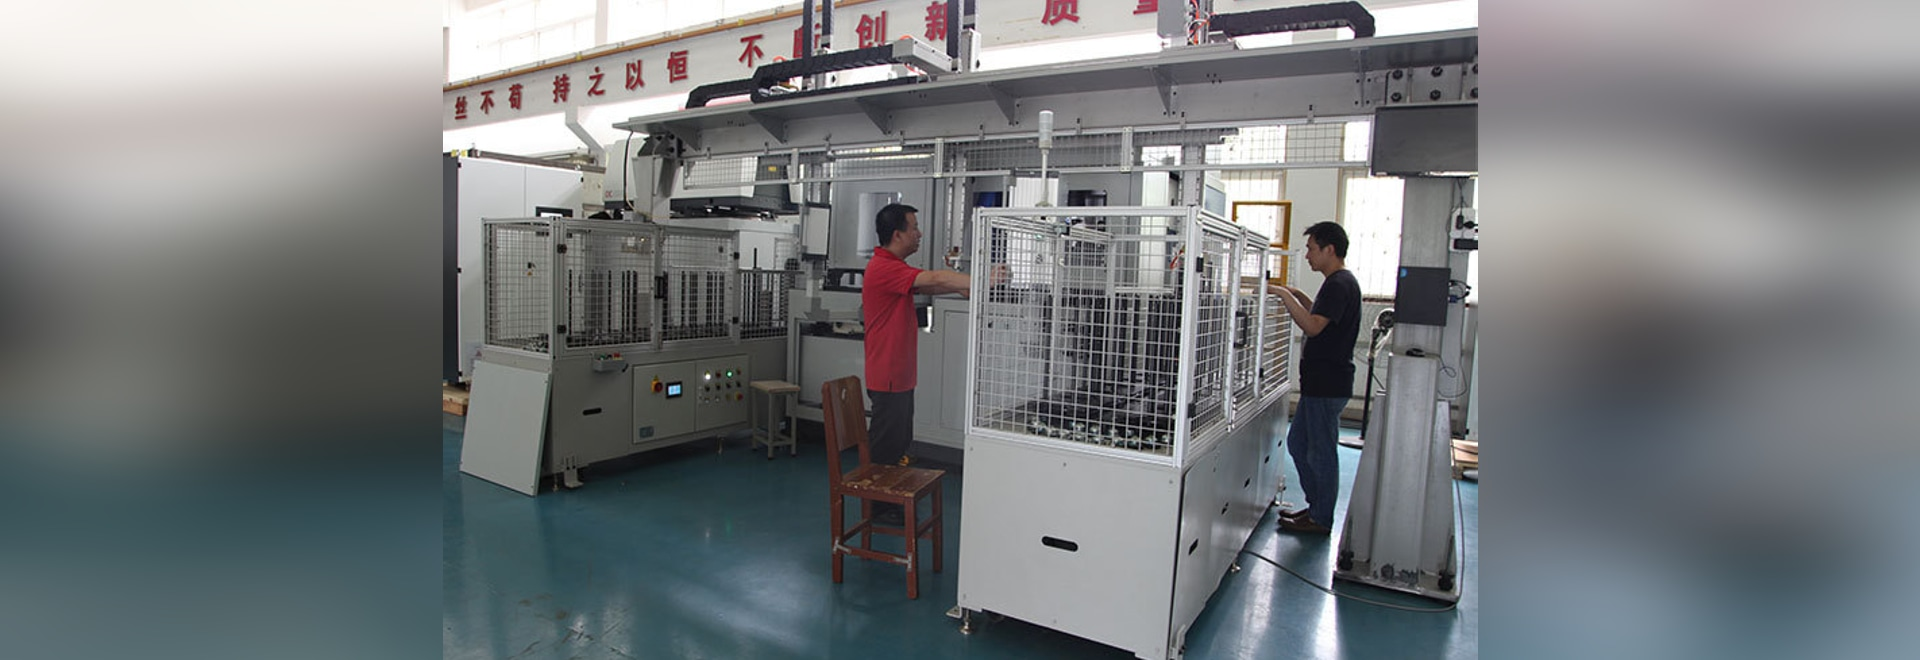 Gang-Laser-Schweißens-Ausrüstung HANS GS-HC03 lieferte automatische glatt